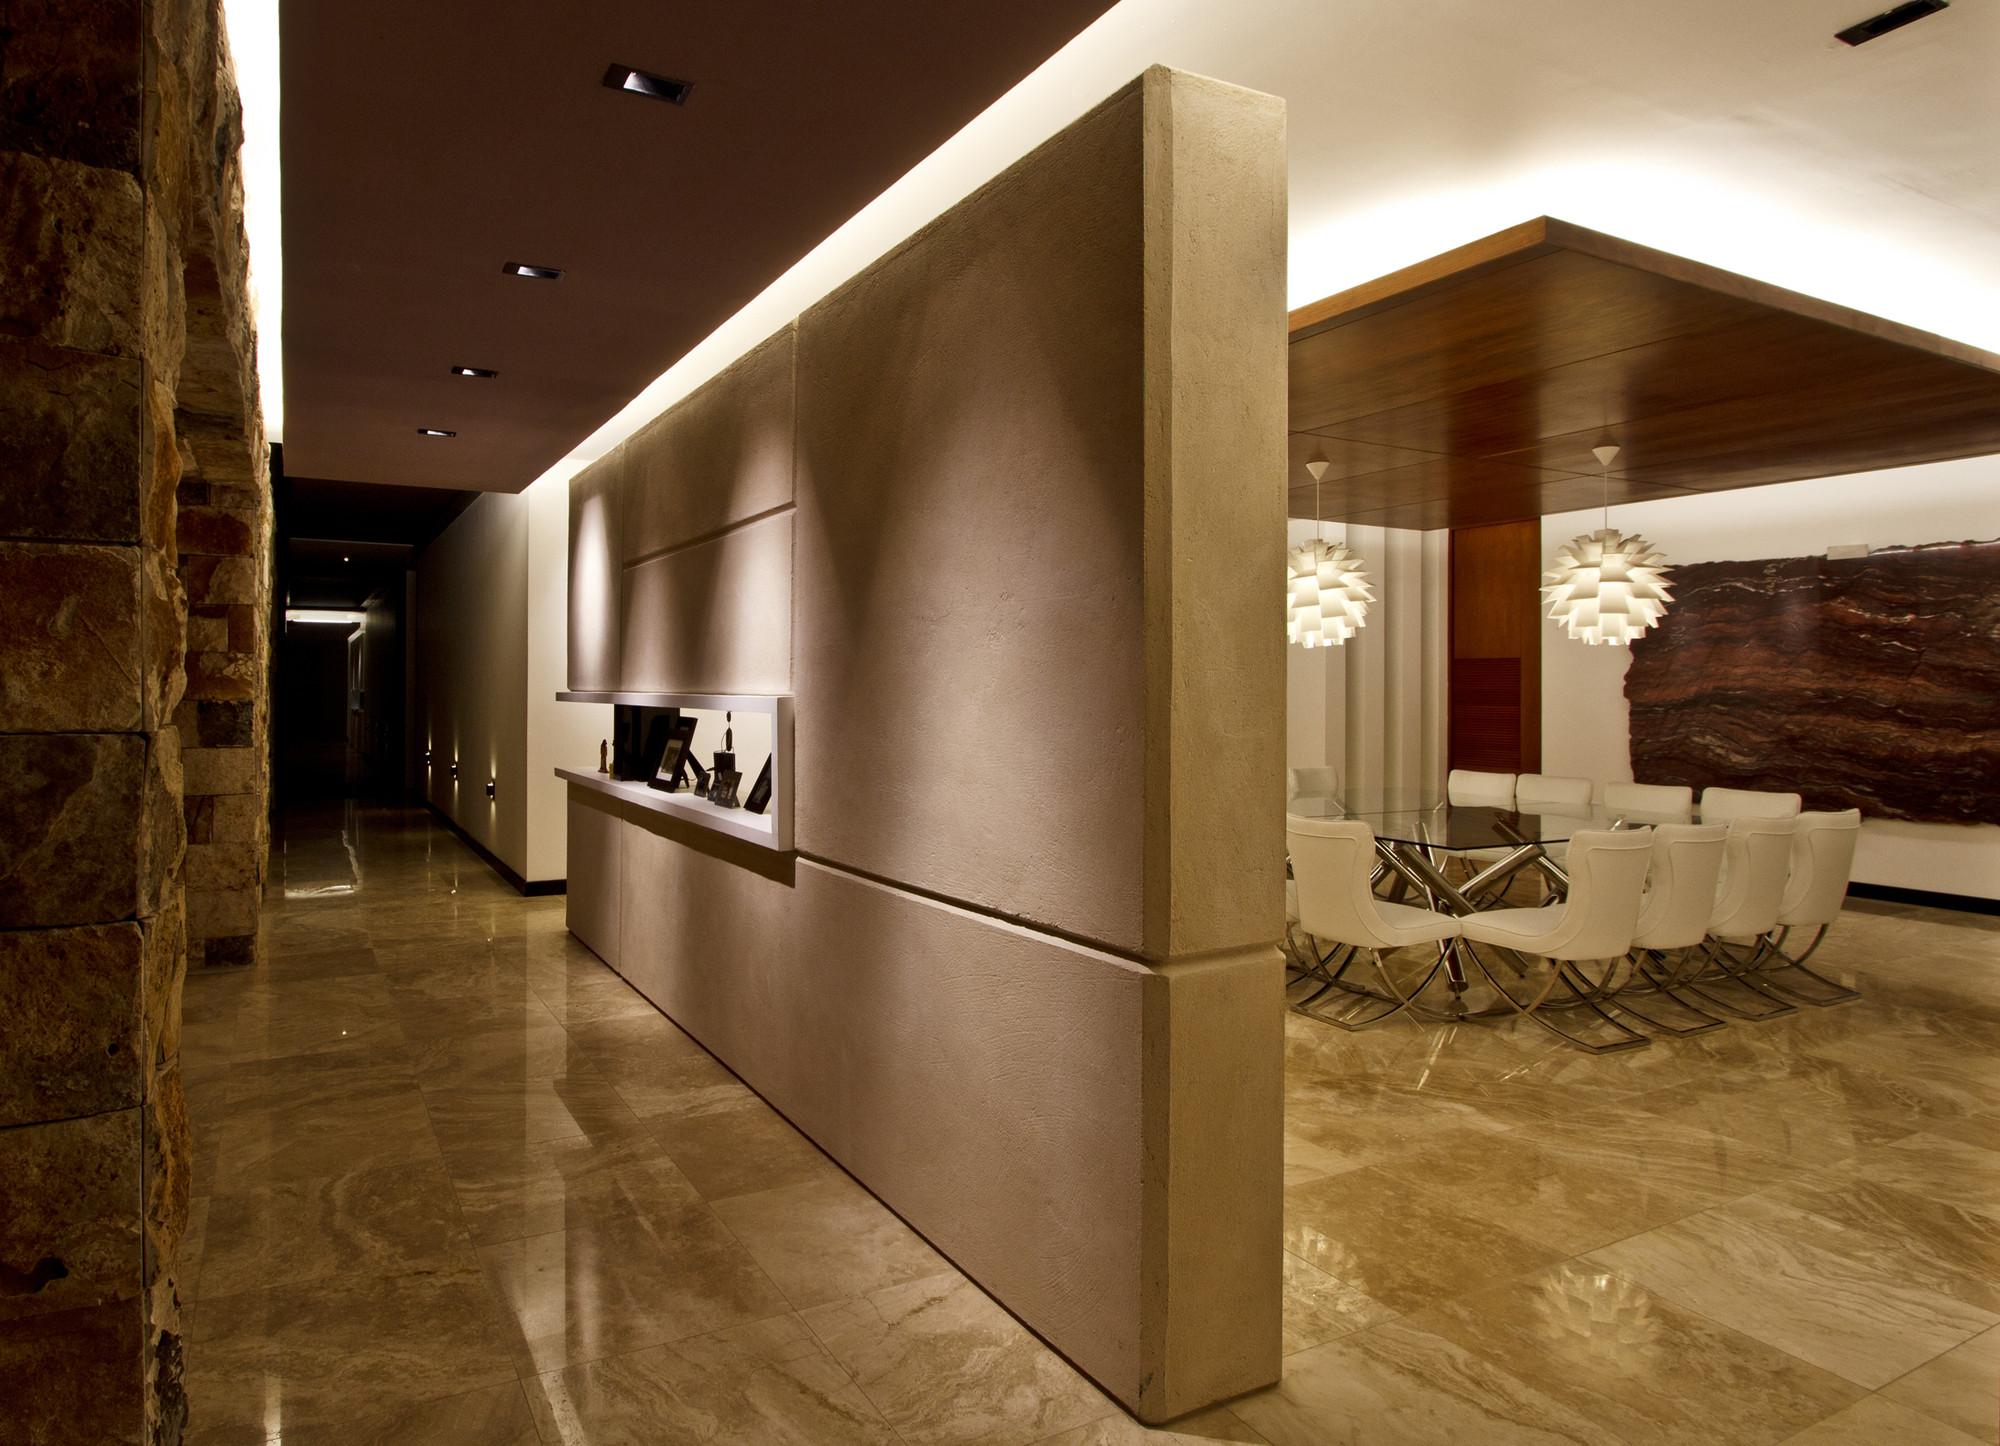 gallery of temoz n house carrillo arquitectos y asociados 8. Black Bedroom Furniture Sets. Home Design Ideas